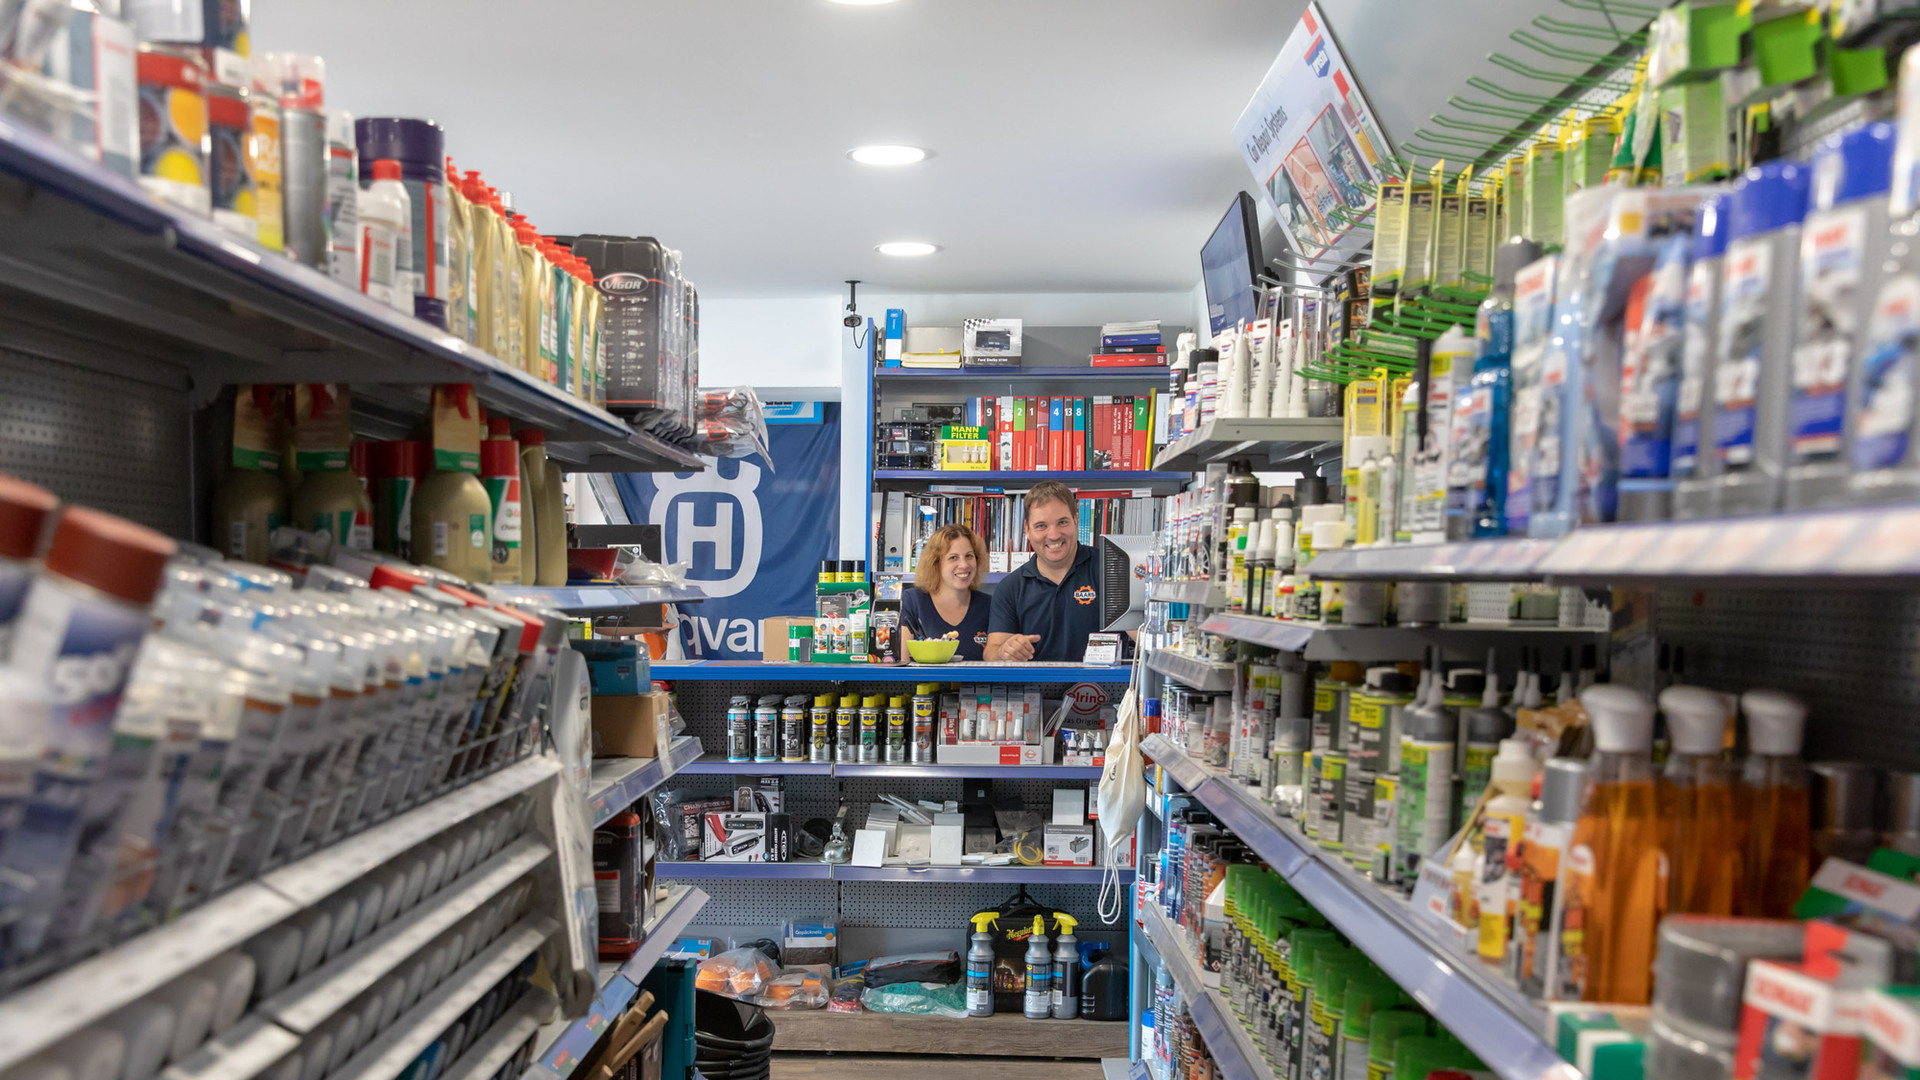 Baars im Laden-9265.jpg